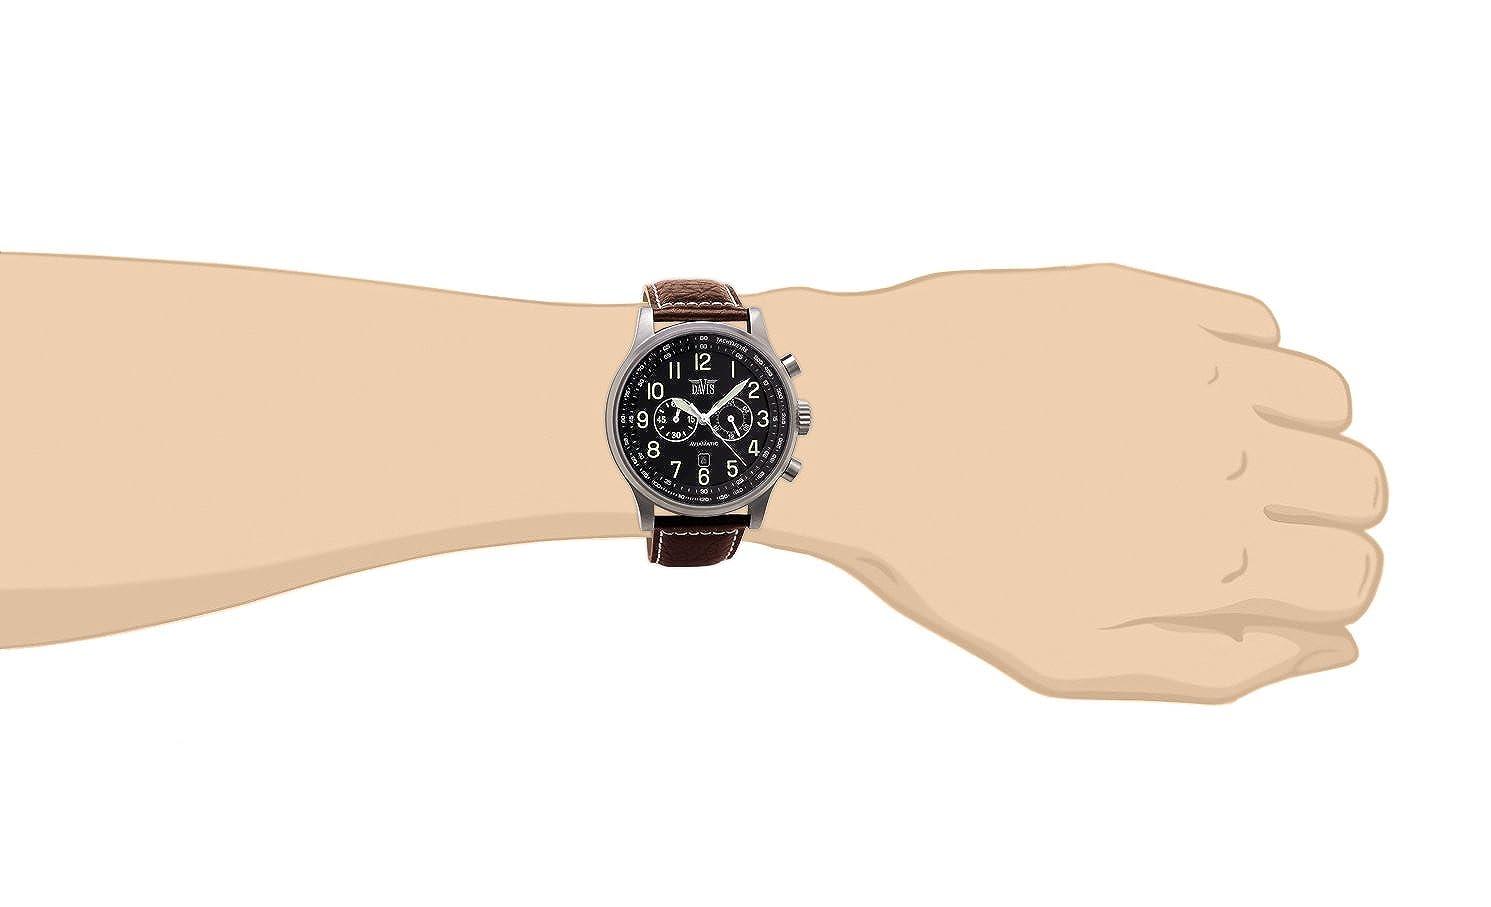 4d3366d55fa5 Davis-0451- Reloj Hombre Aviador 48mm - Cronógrafo Sumergible 50M - Correa  de Piel Marrón con pespunte  Amazon.es  Relojes